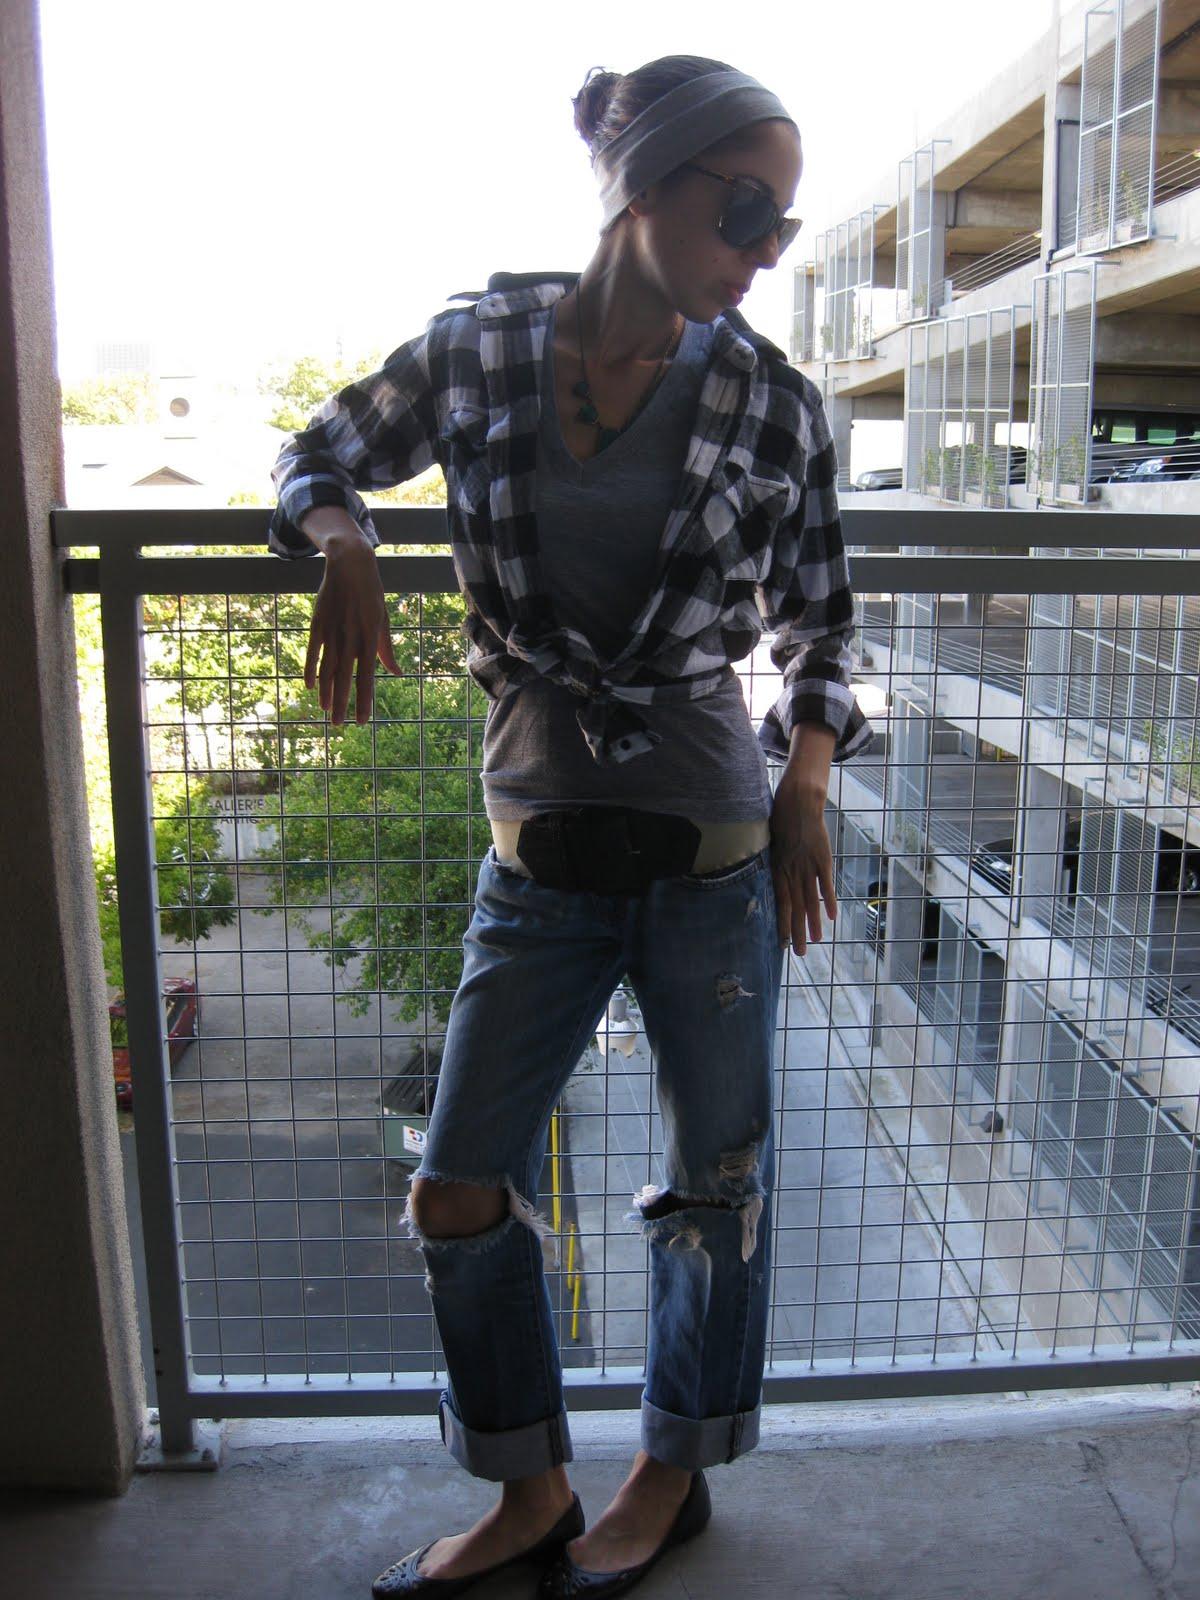 http://3.bp.blogspot.com/_JI8nxlKE9KA/TM3vLitxpUI/AAAAAAAADp0/3ZFV-O8dsek/s1600/IMG_2345.JPG